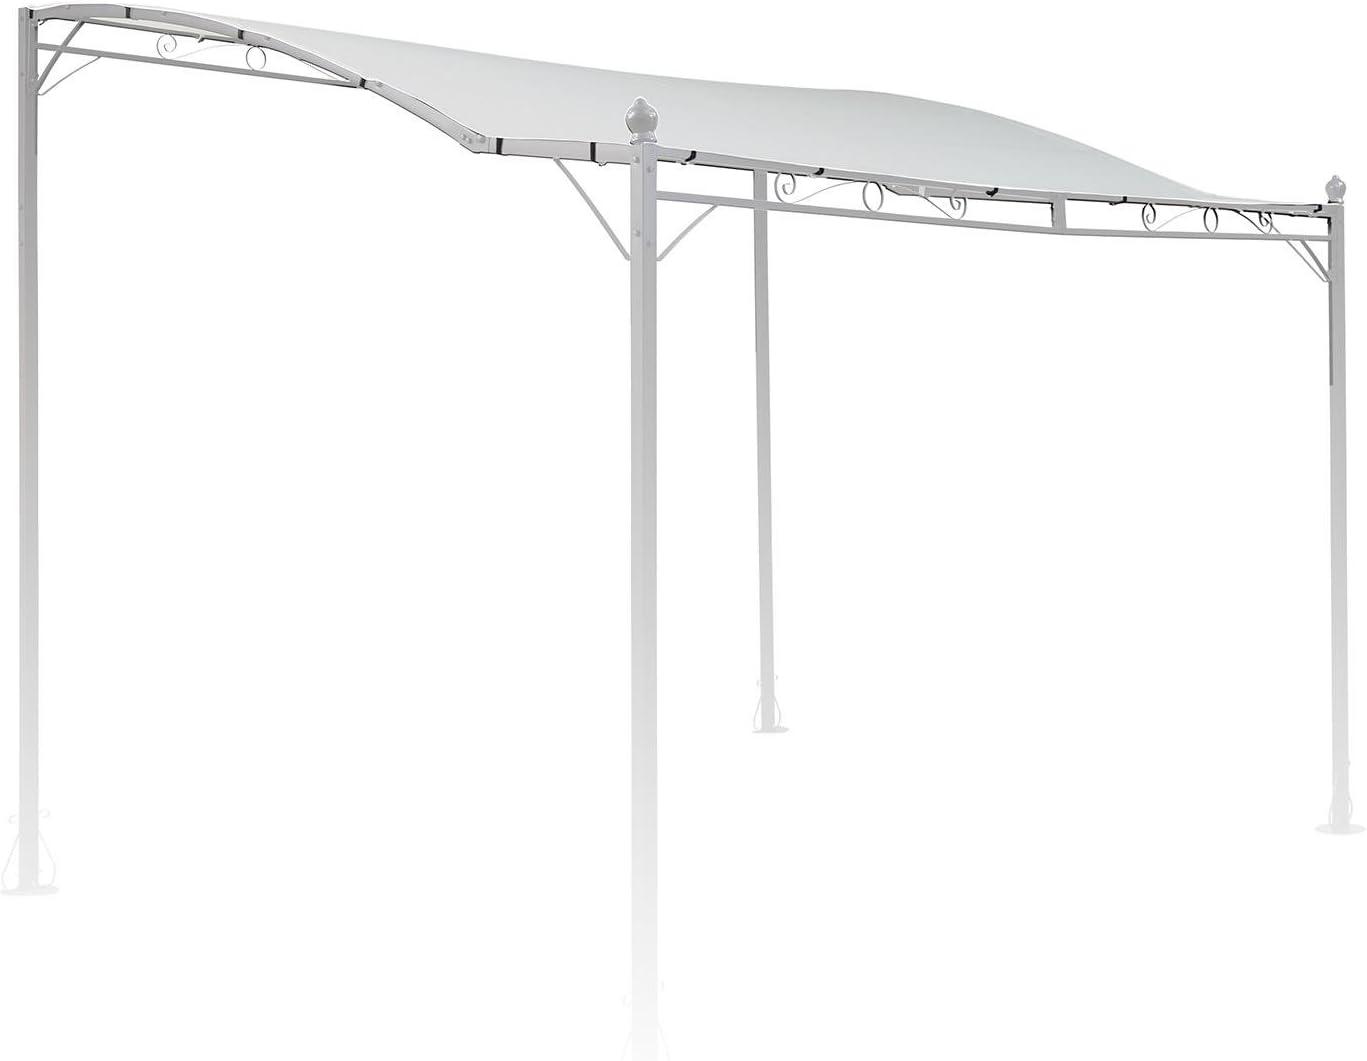 blumfeldt Allure Roof - Toldo Beige de Repuesto para pérgola Allure, Medidas: 3 x 2, 5 m, Resistente Exterior, Poliéster 180 g/m², Protección Ultravioleta, Beige: Amazon.es: Jardín